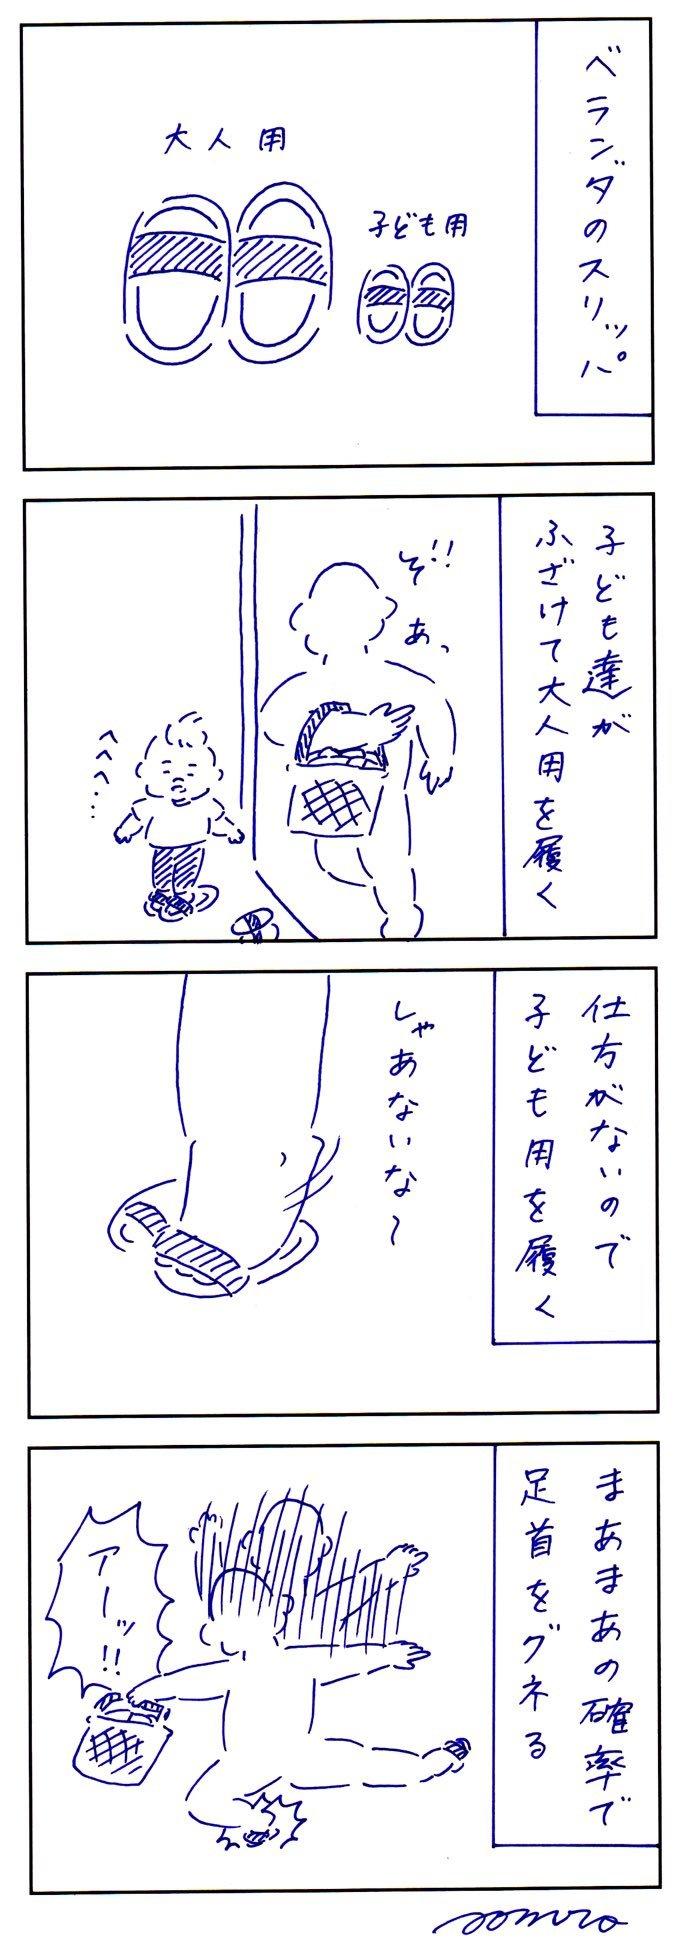 子どものアレで足首をグネる!?冷静にツッコむパパ育児日記にムフッの画像1